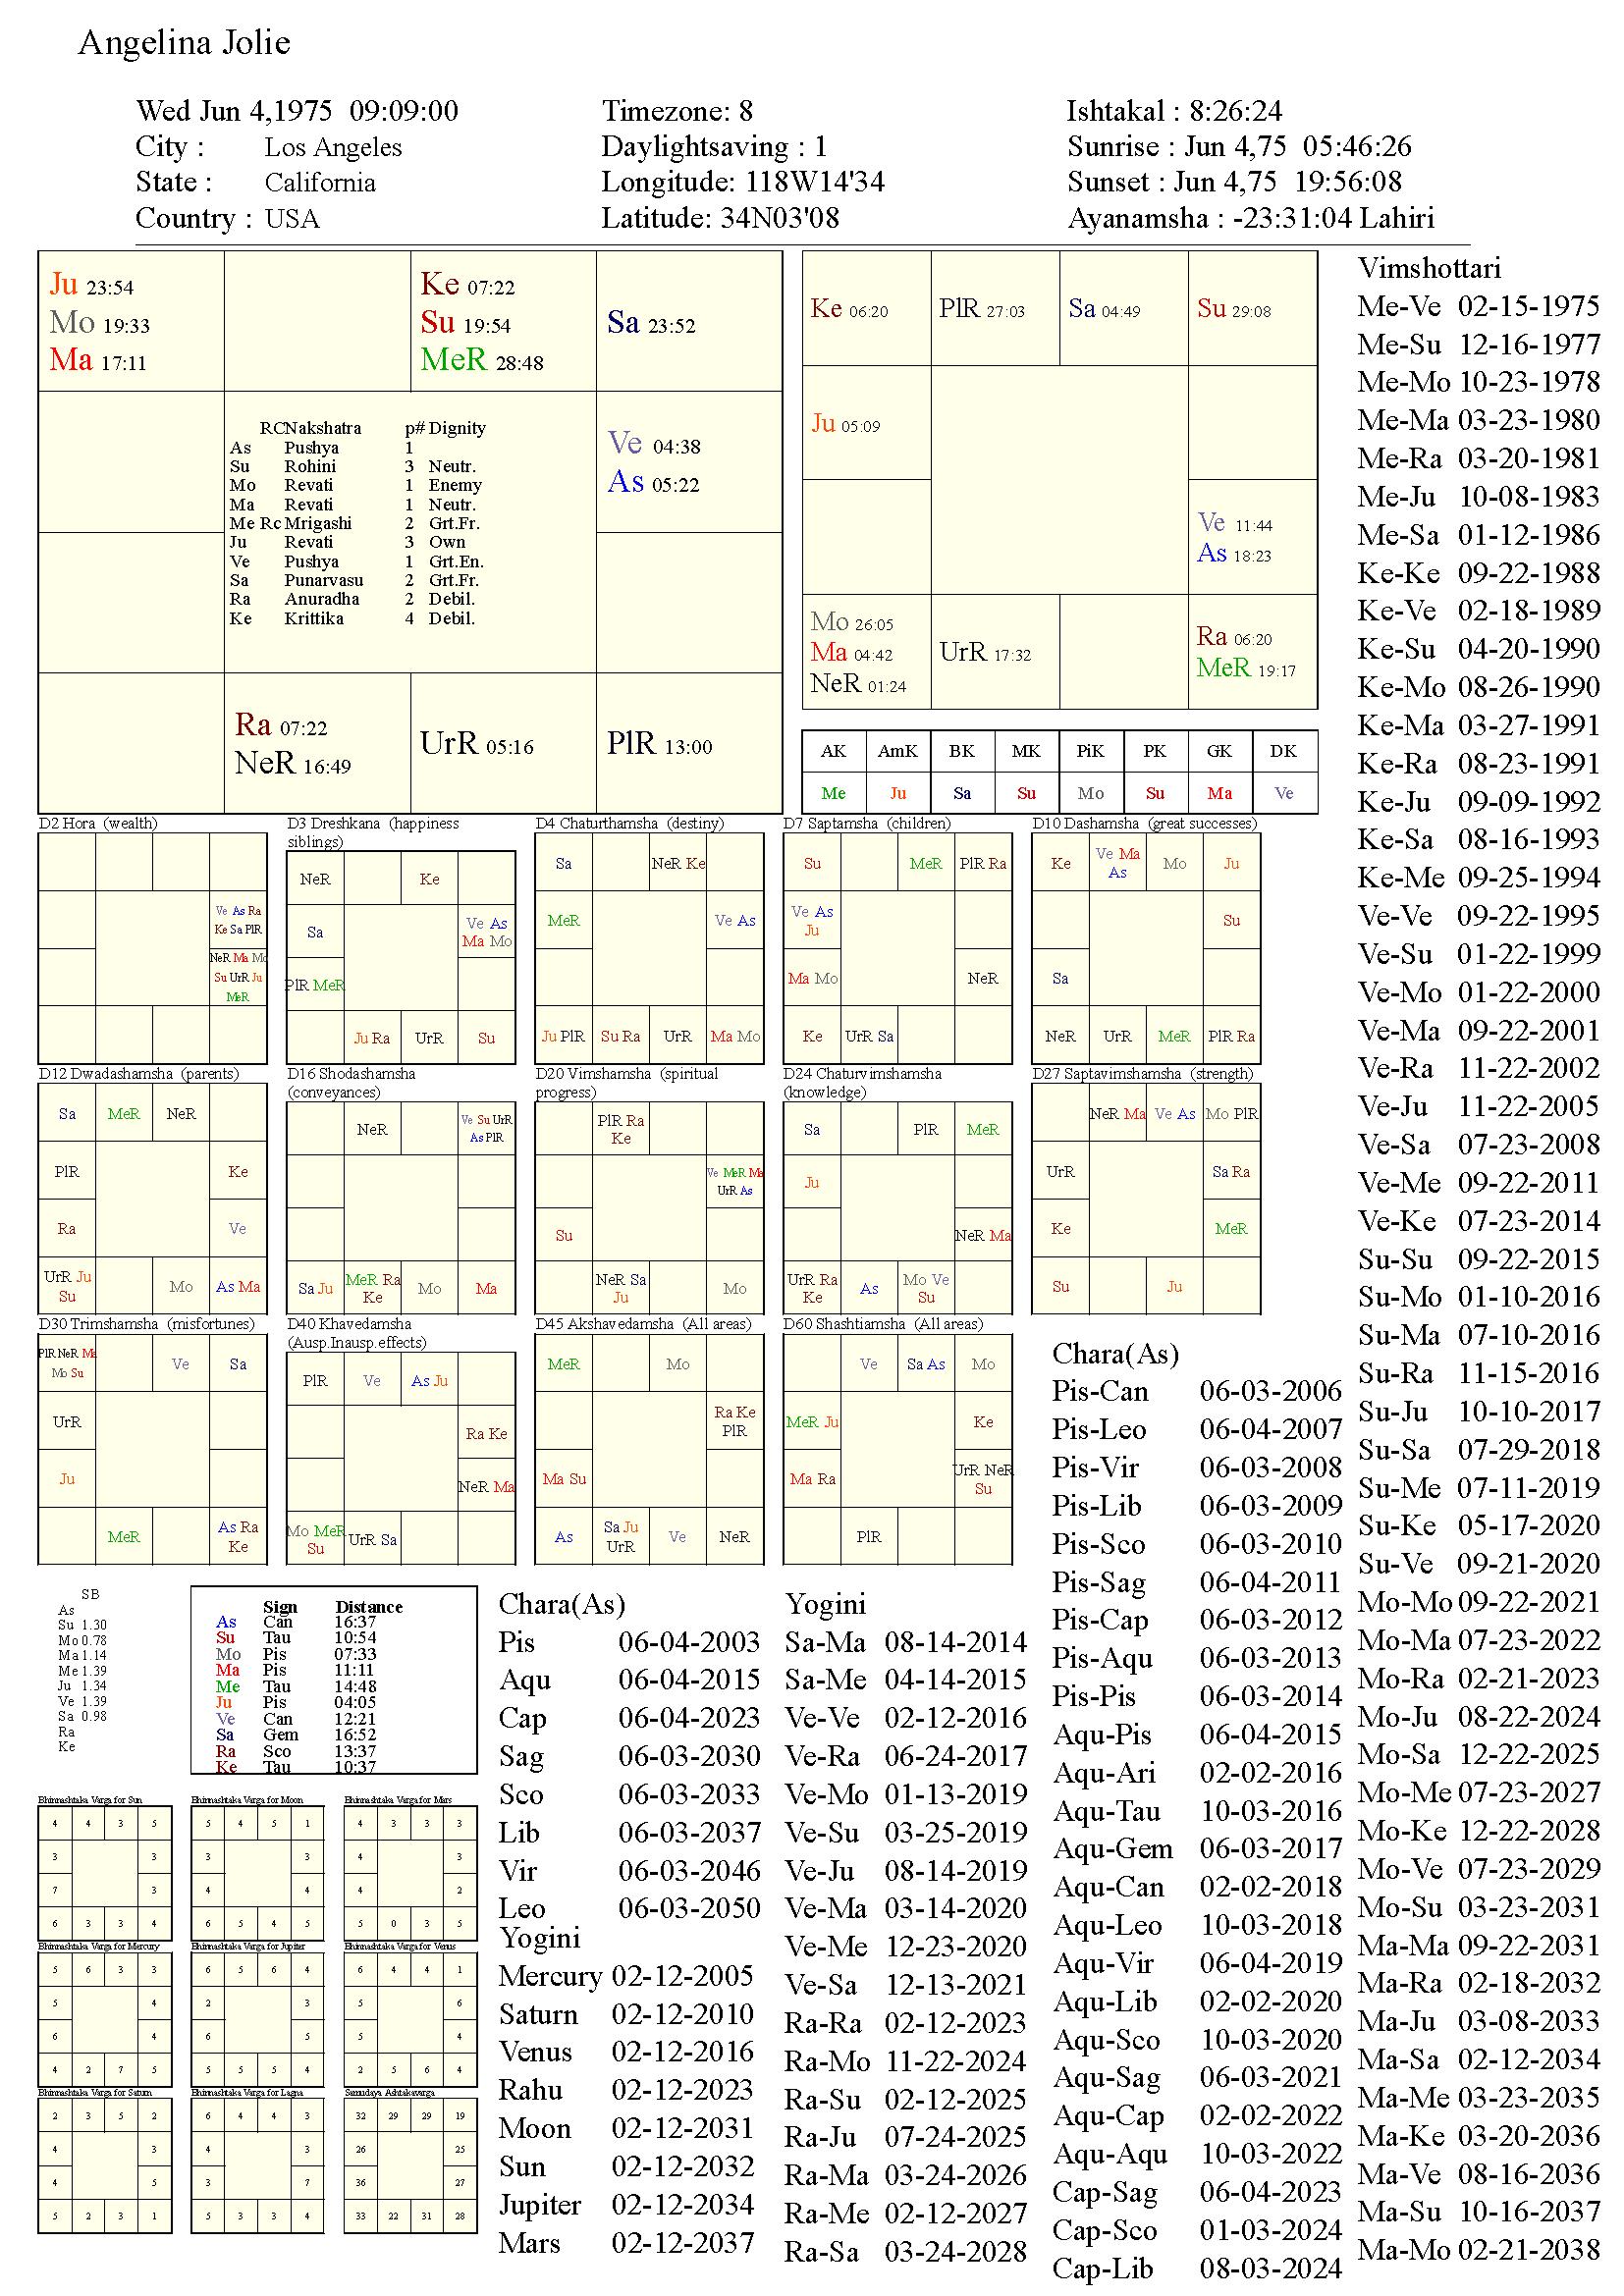 angelinajolie_chart